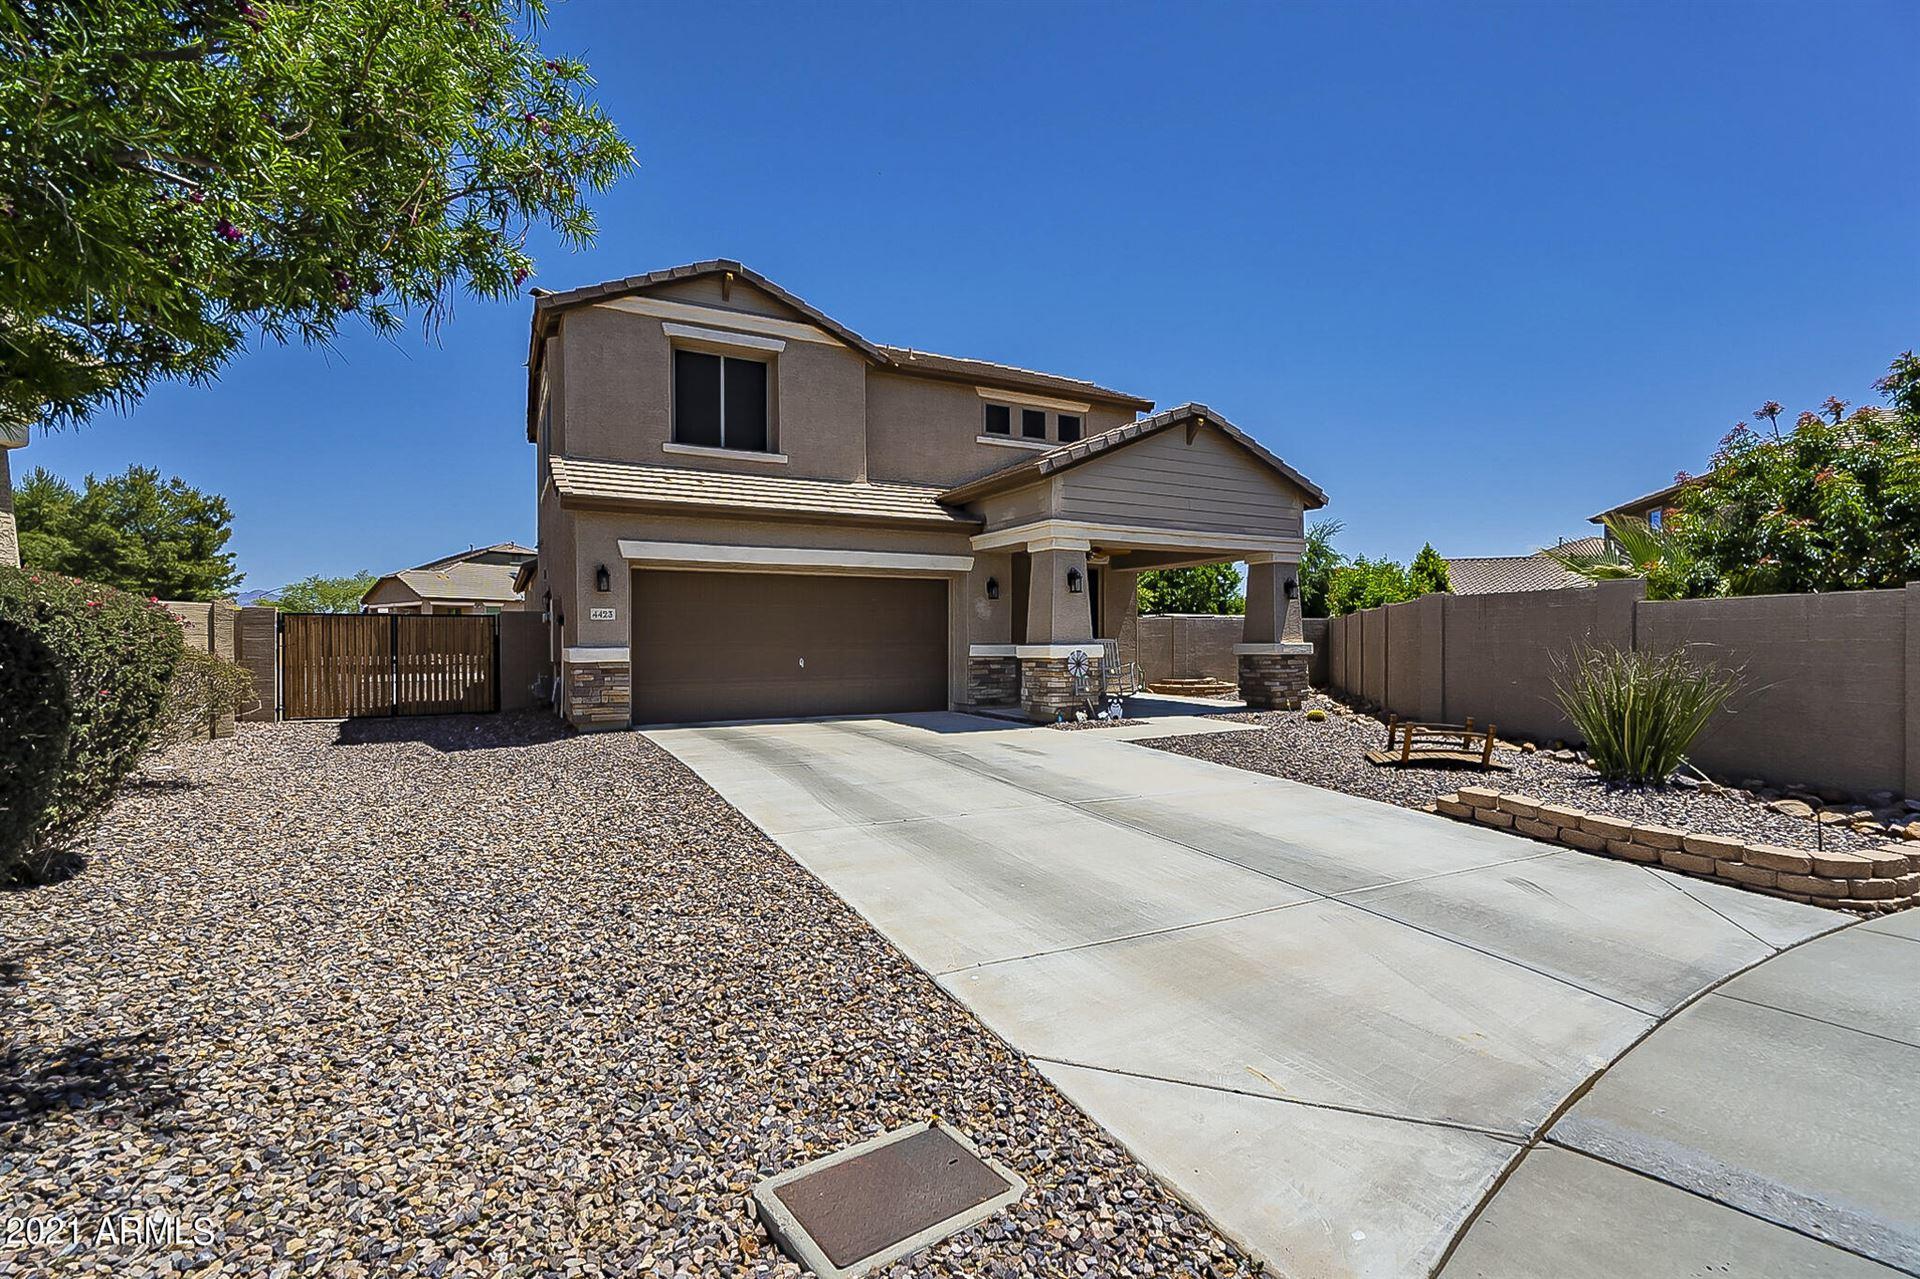 4423 S CARMINE Circle, Mesa, AZ 85212 - MLS#: 6225117